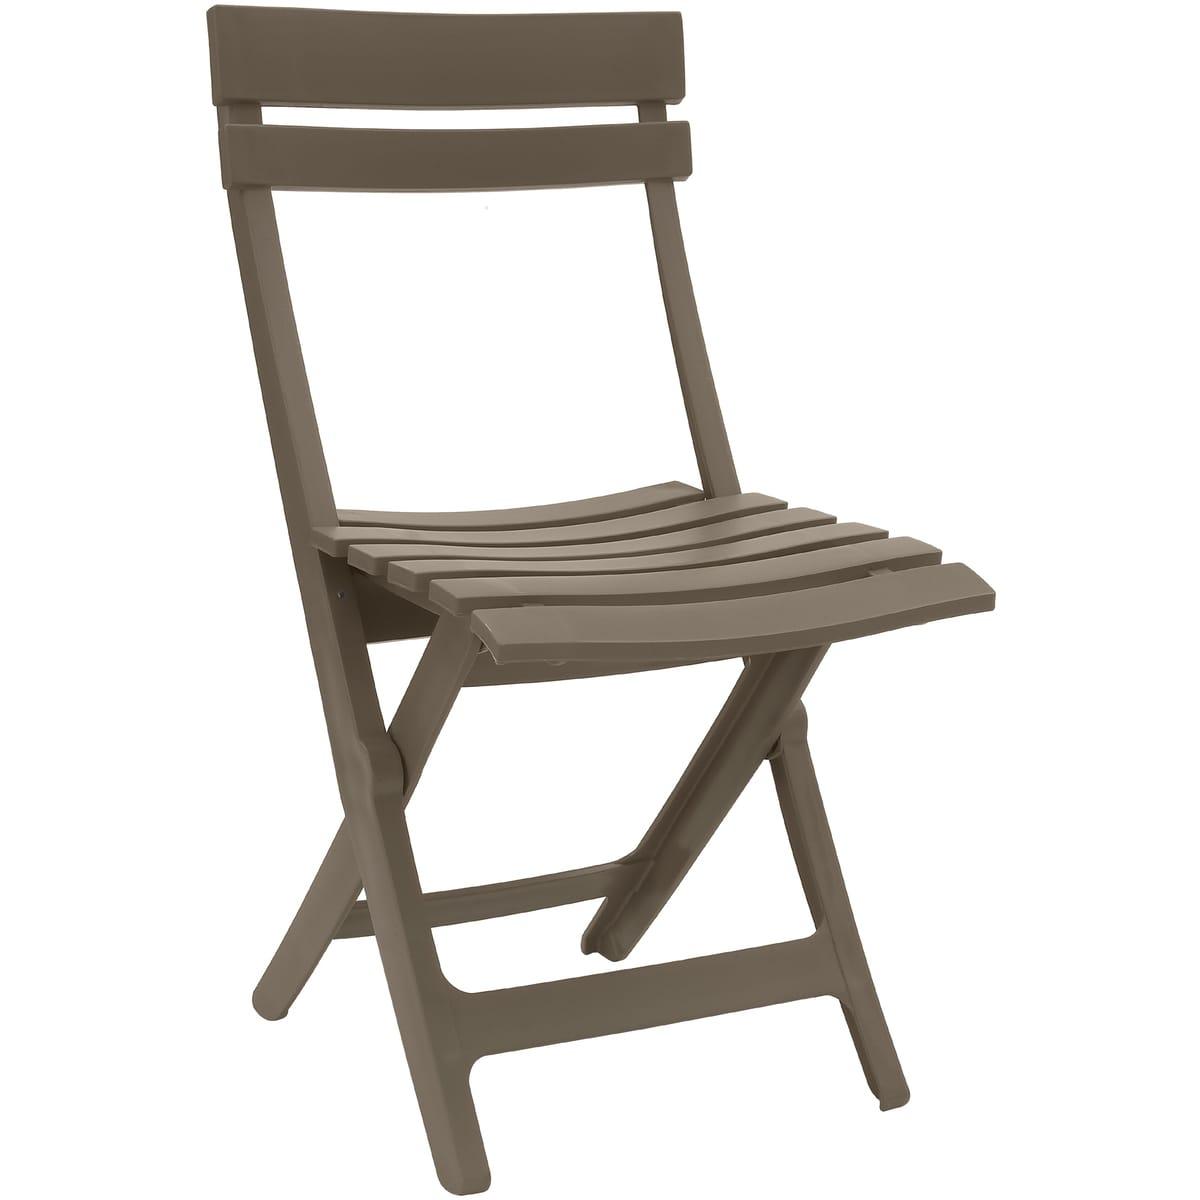 Grosfillex Chaise De Jardin Pliante Résine Miami Taupe pour Table De Jardin Auchan